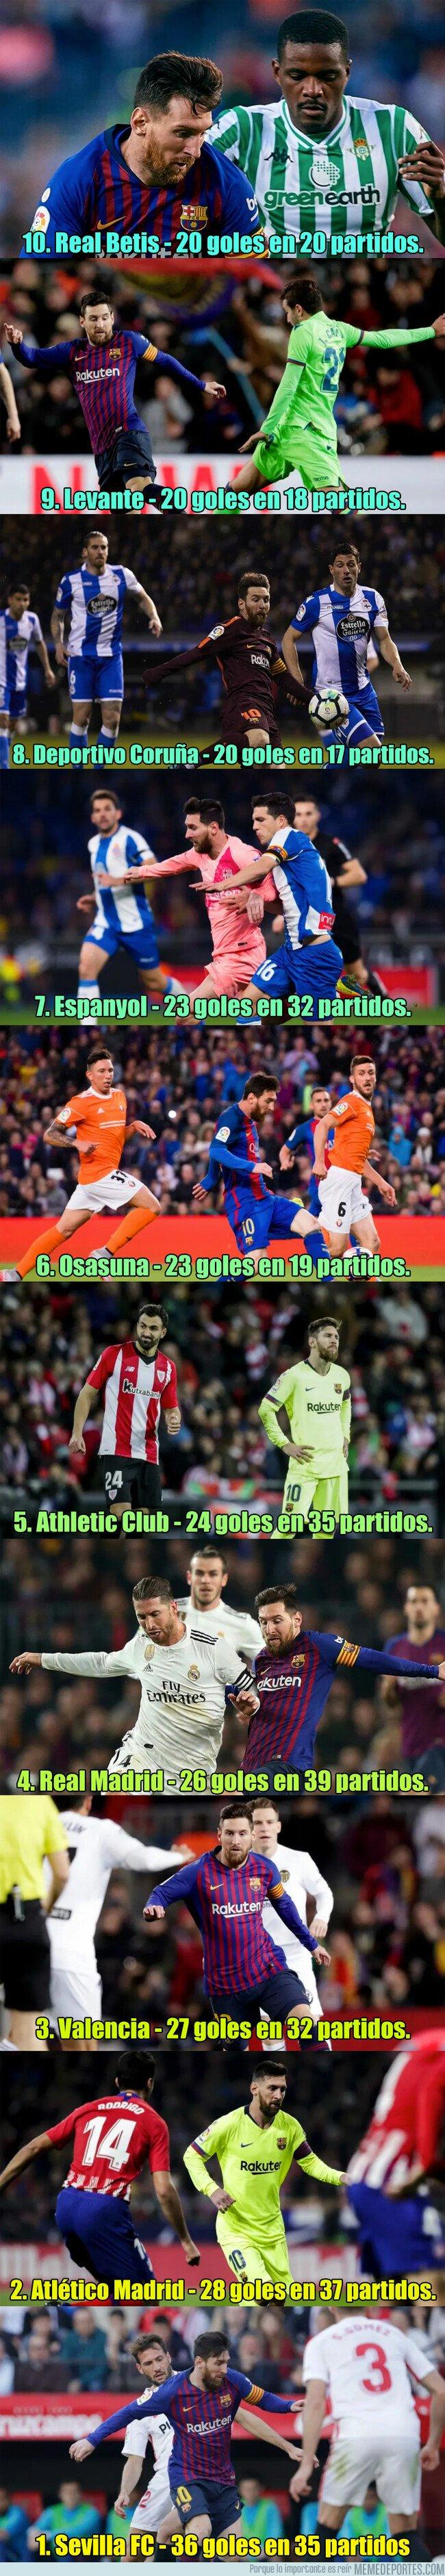 1065693 - Los 10 equipos a los que Messi les ha metido más goles en su carrera